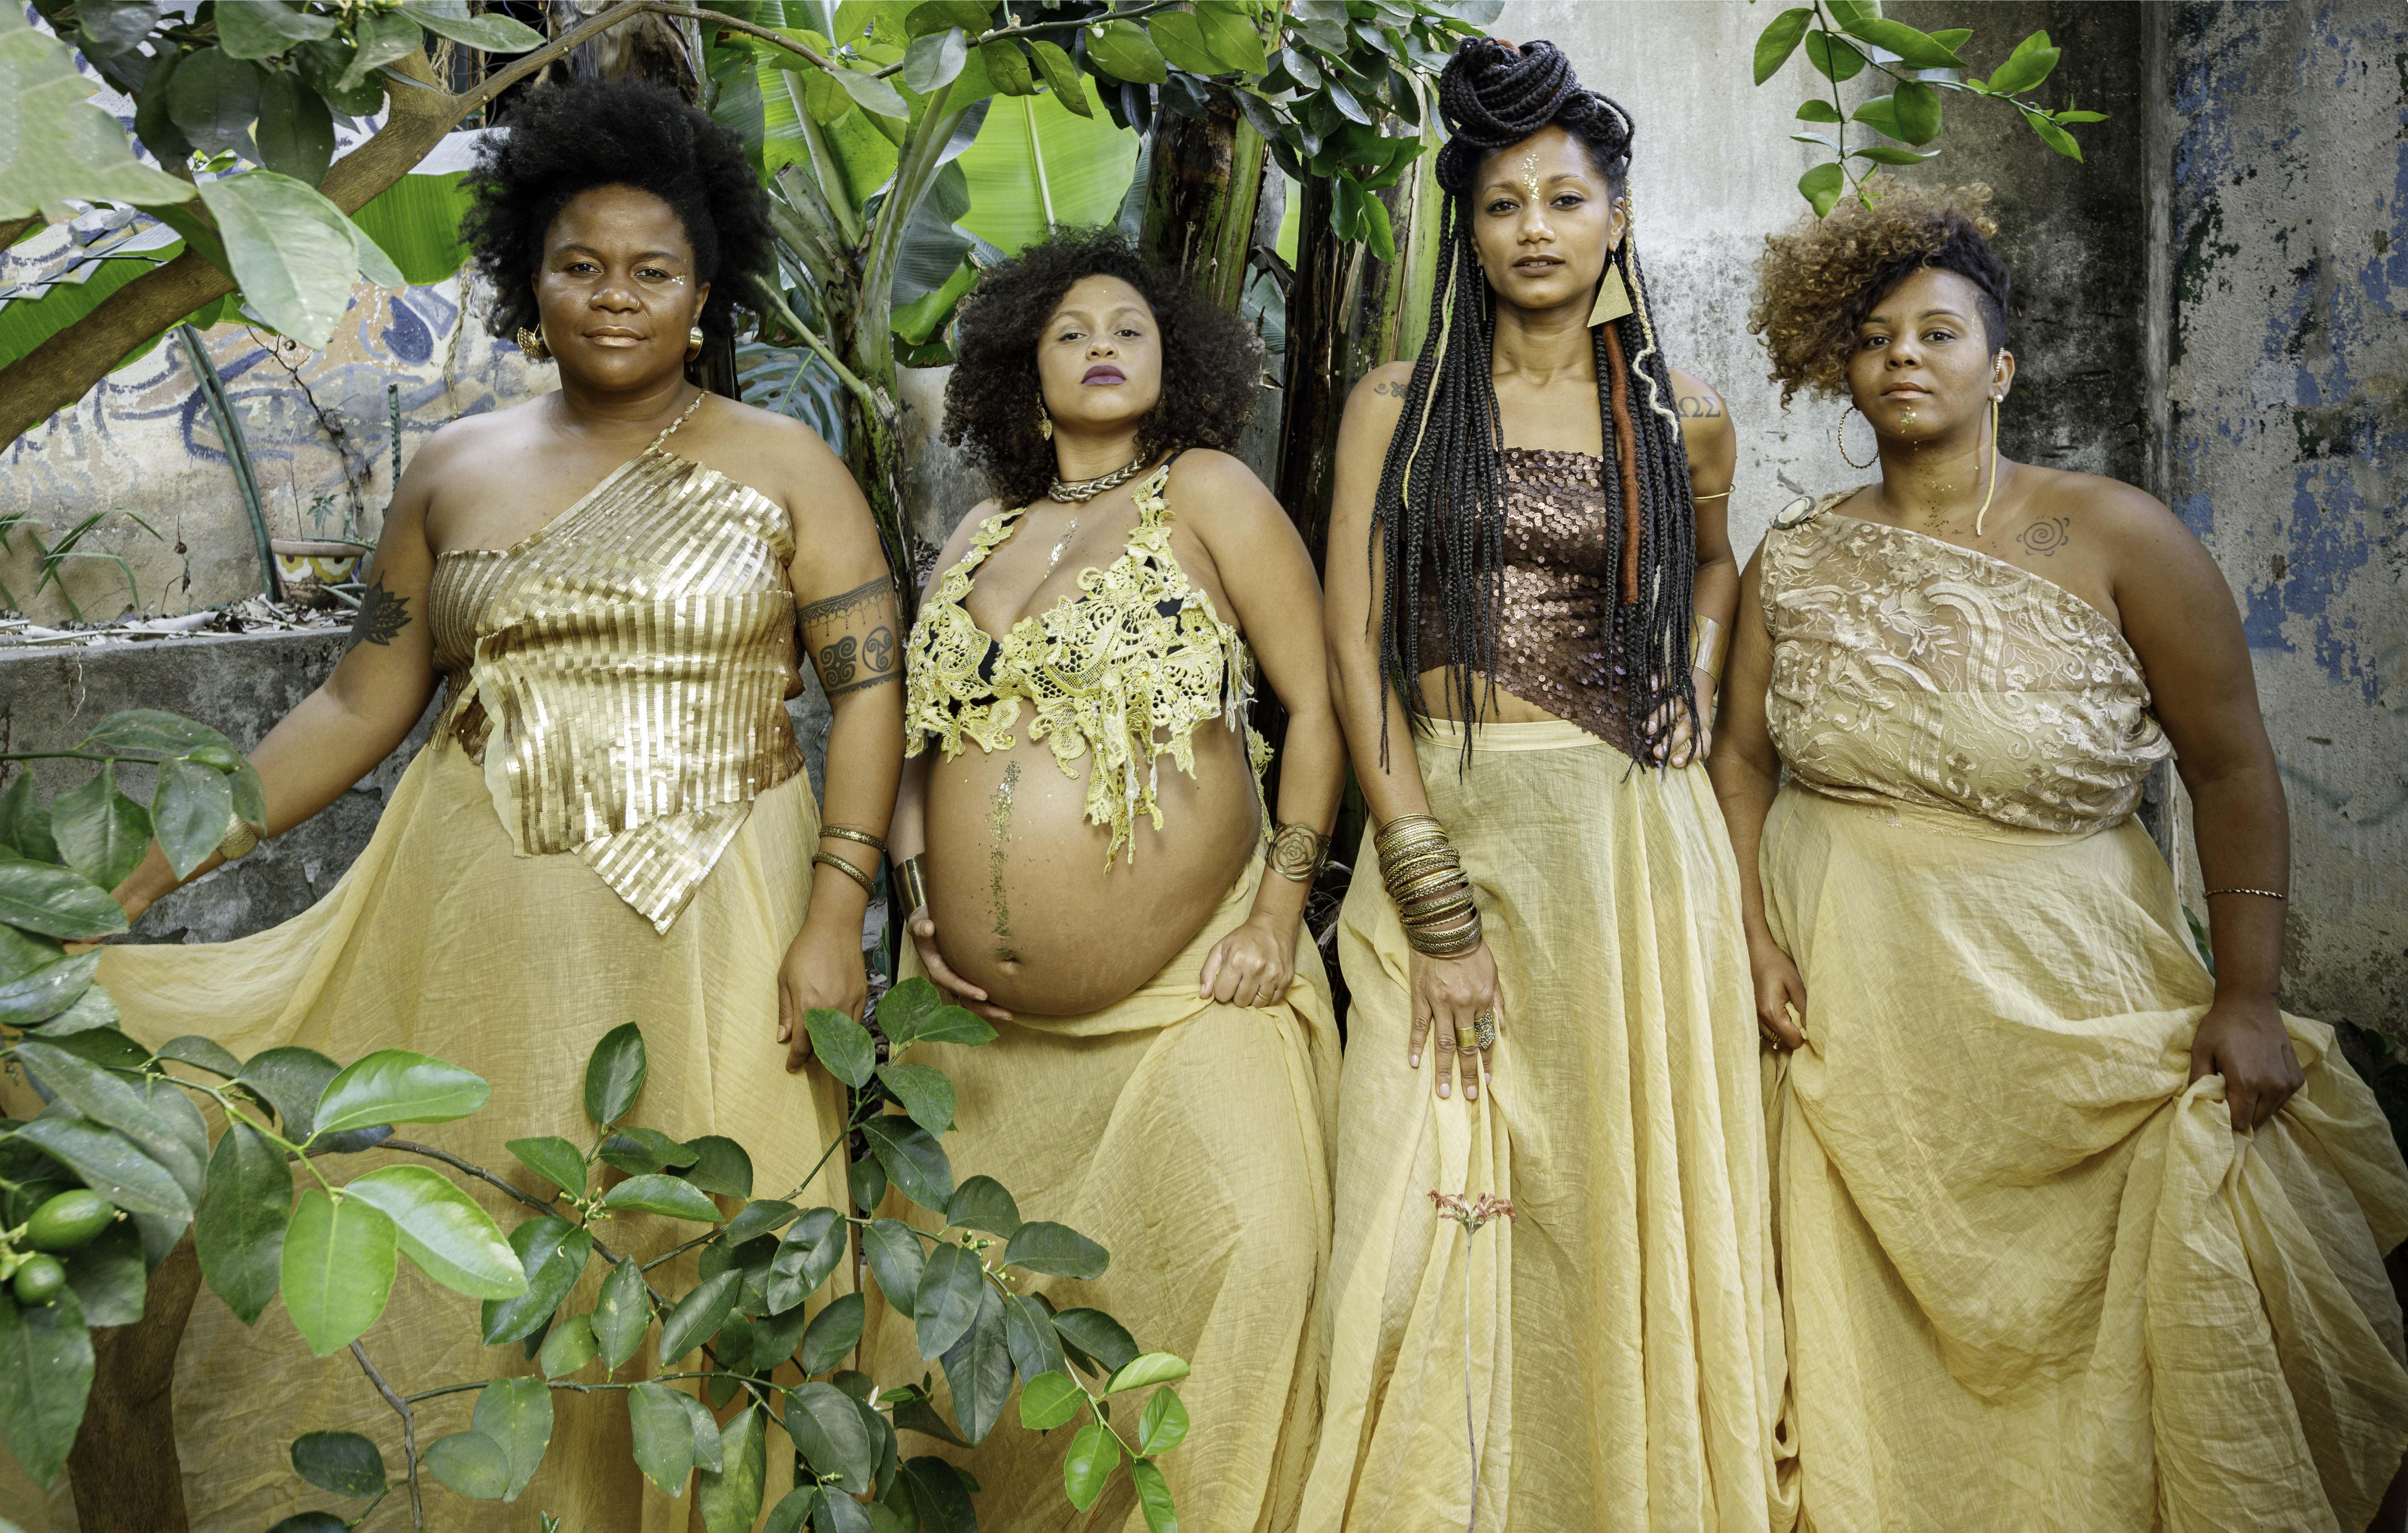 Coletivo Negras Autoras vestidas de dourado